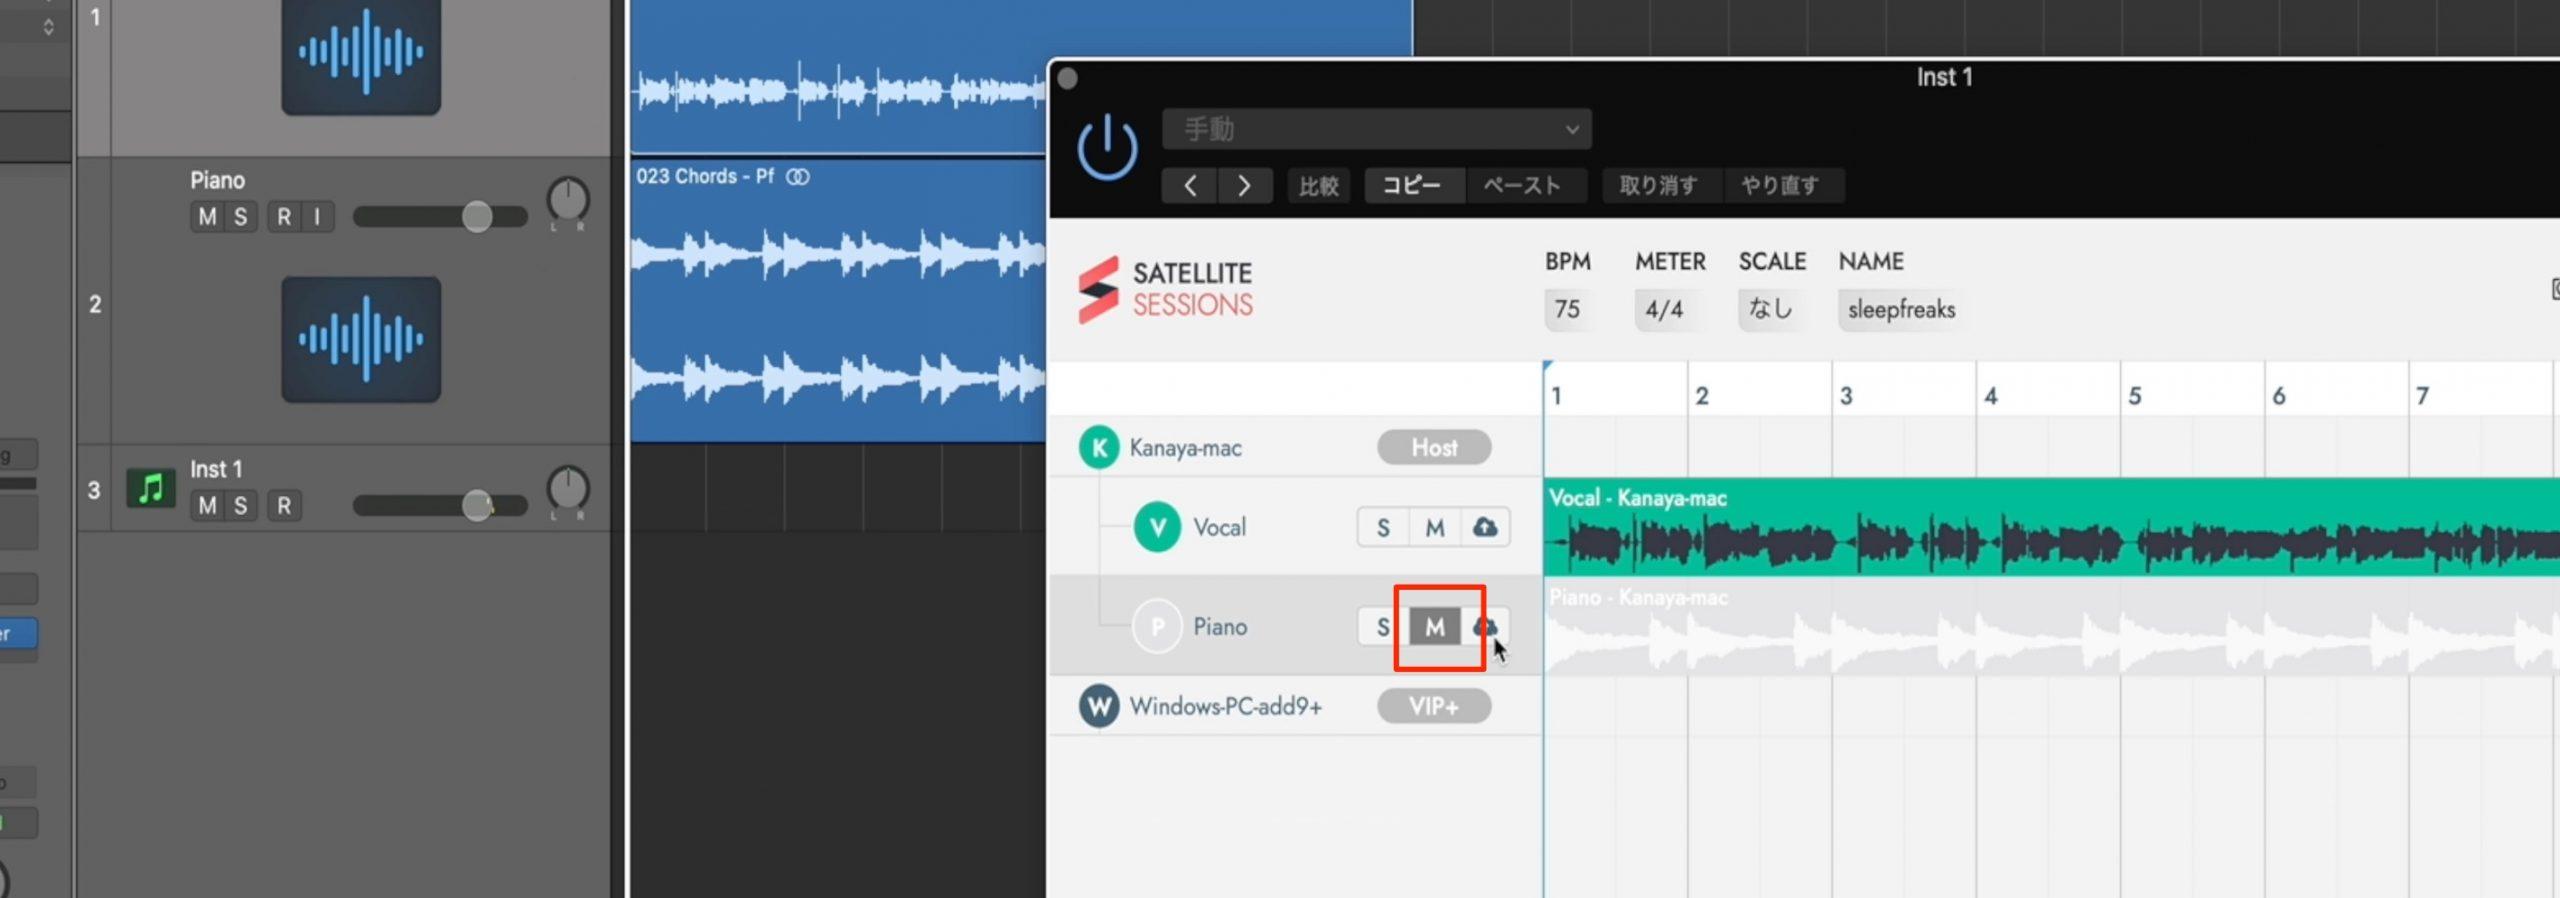 Satellite_Sessions_ミュート